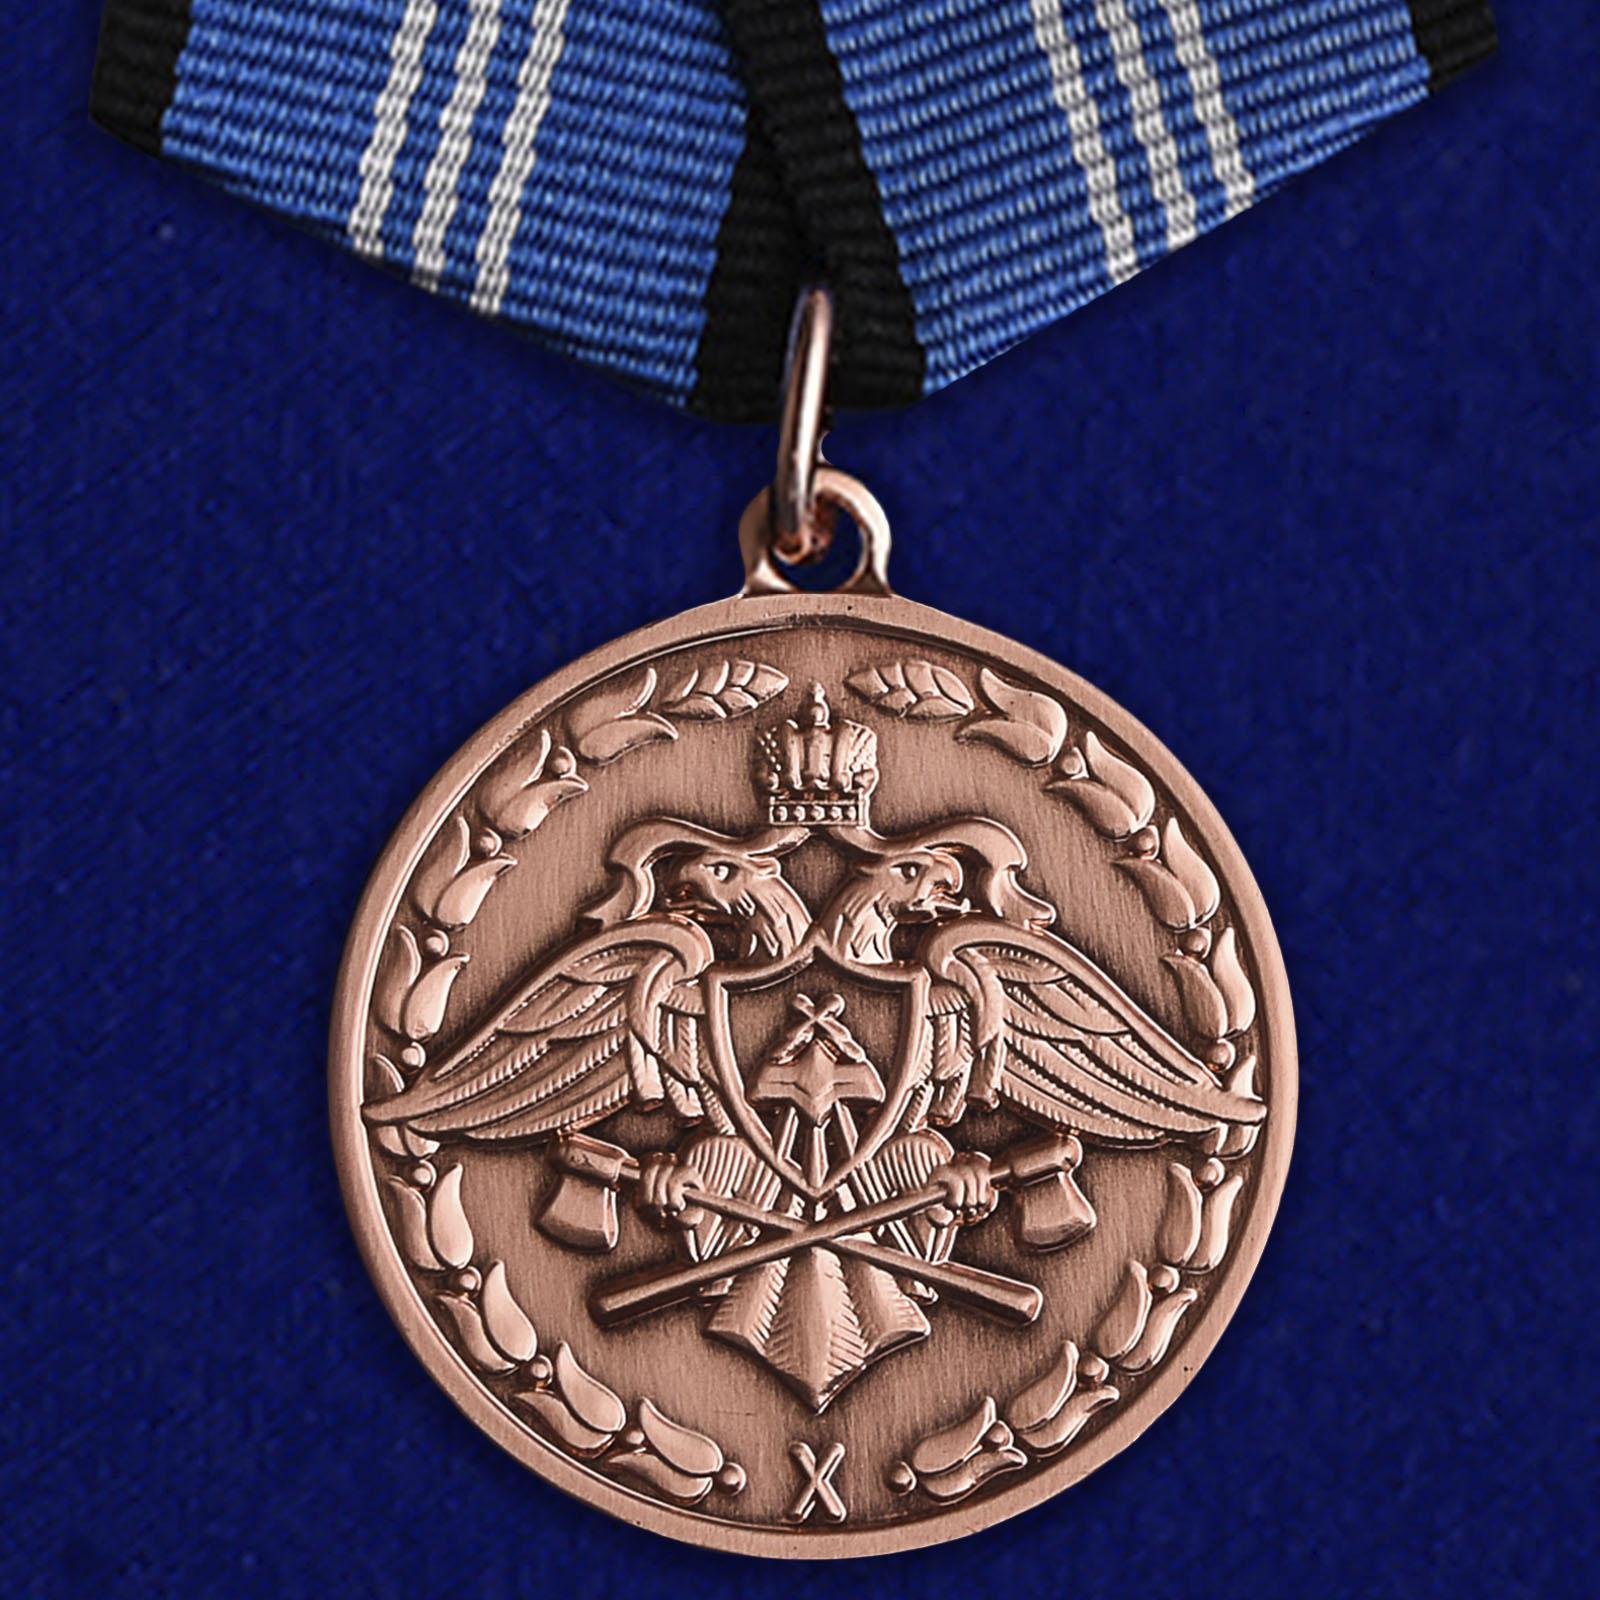 Купить медаль За безупречную службу 3 степени (Спецстрой) на подставке выгодно